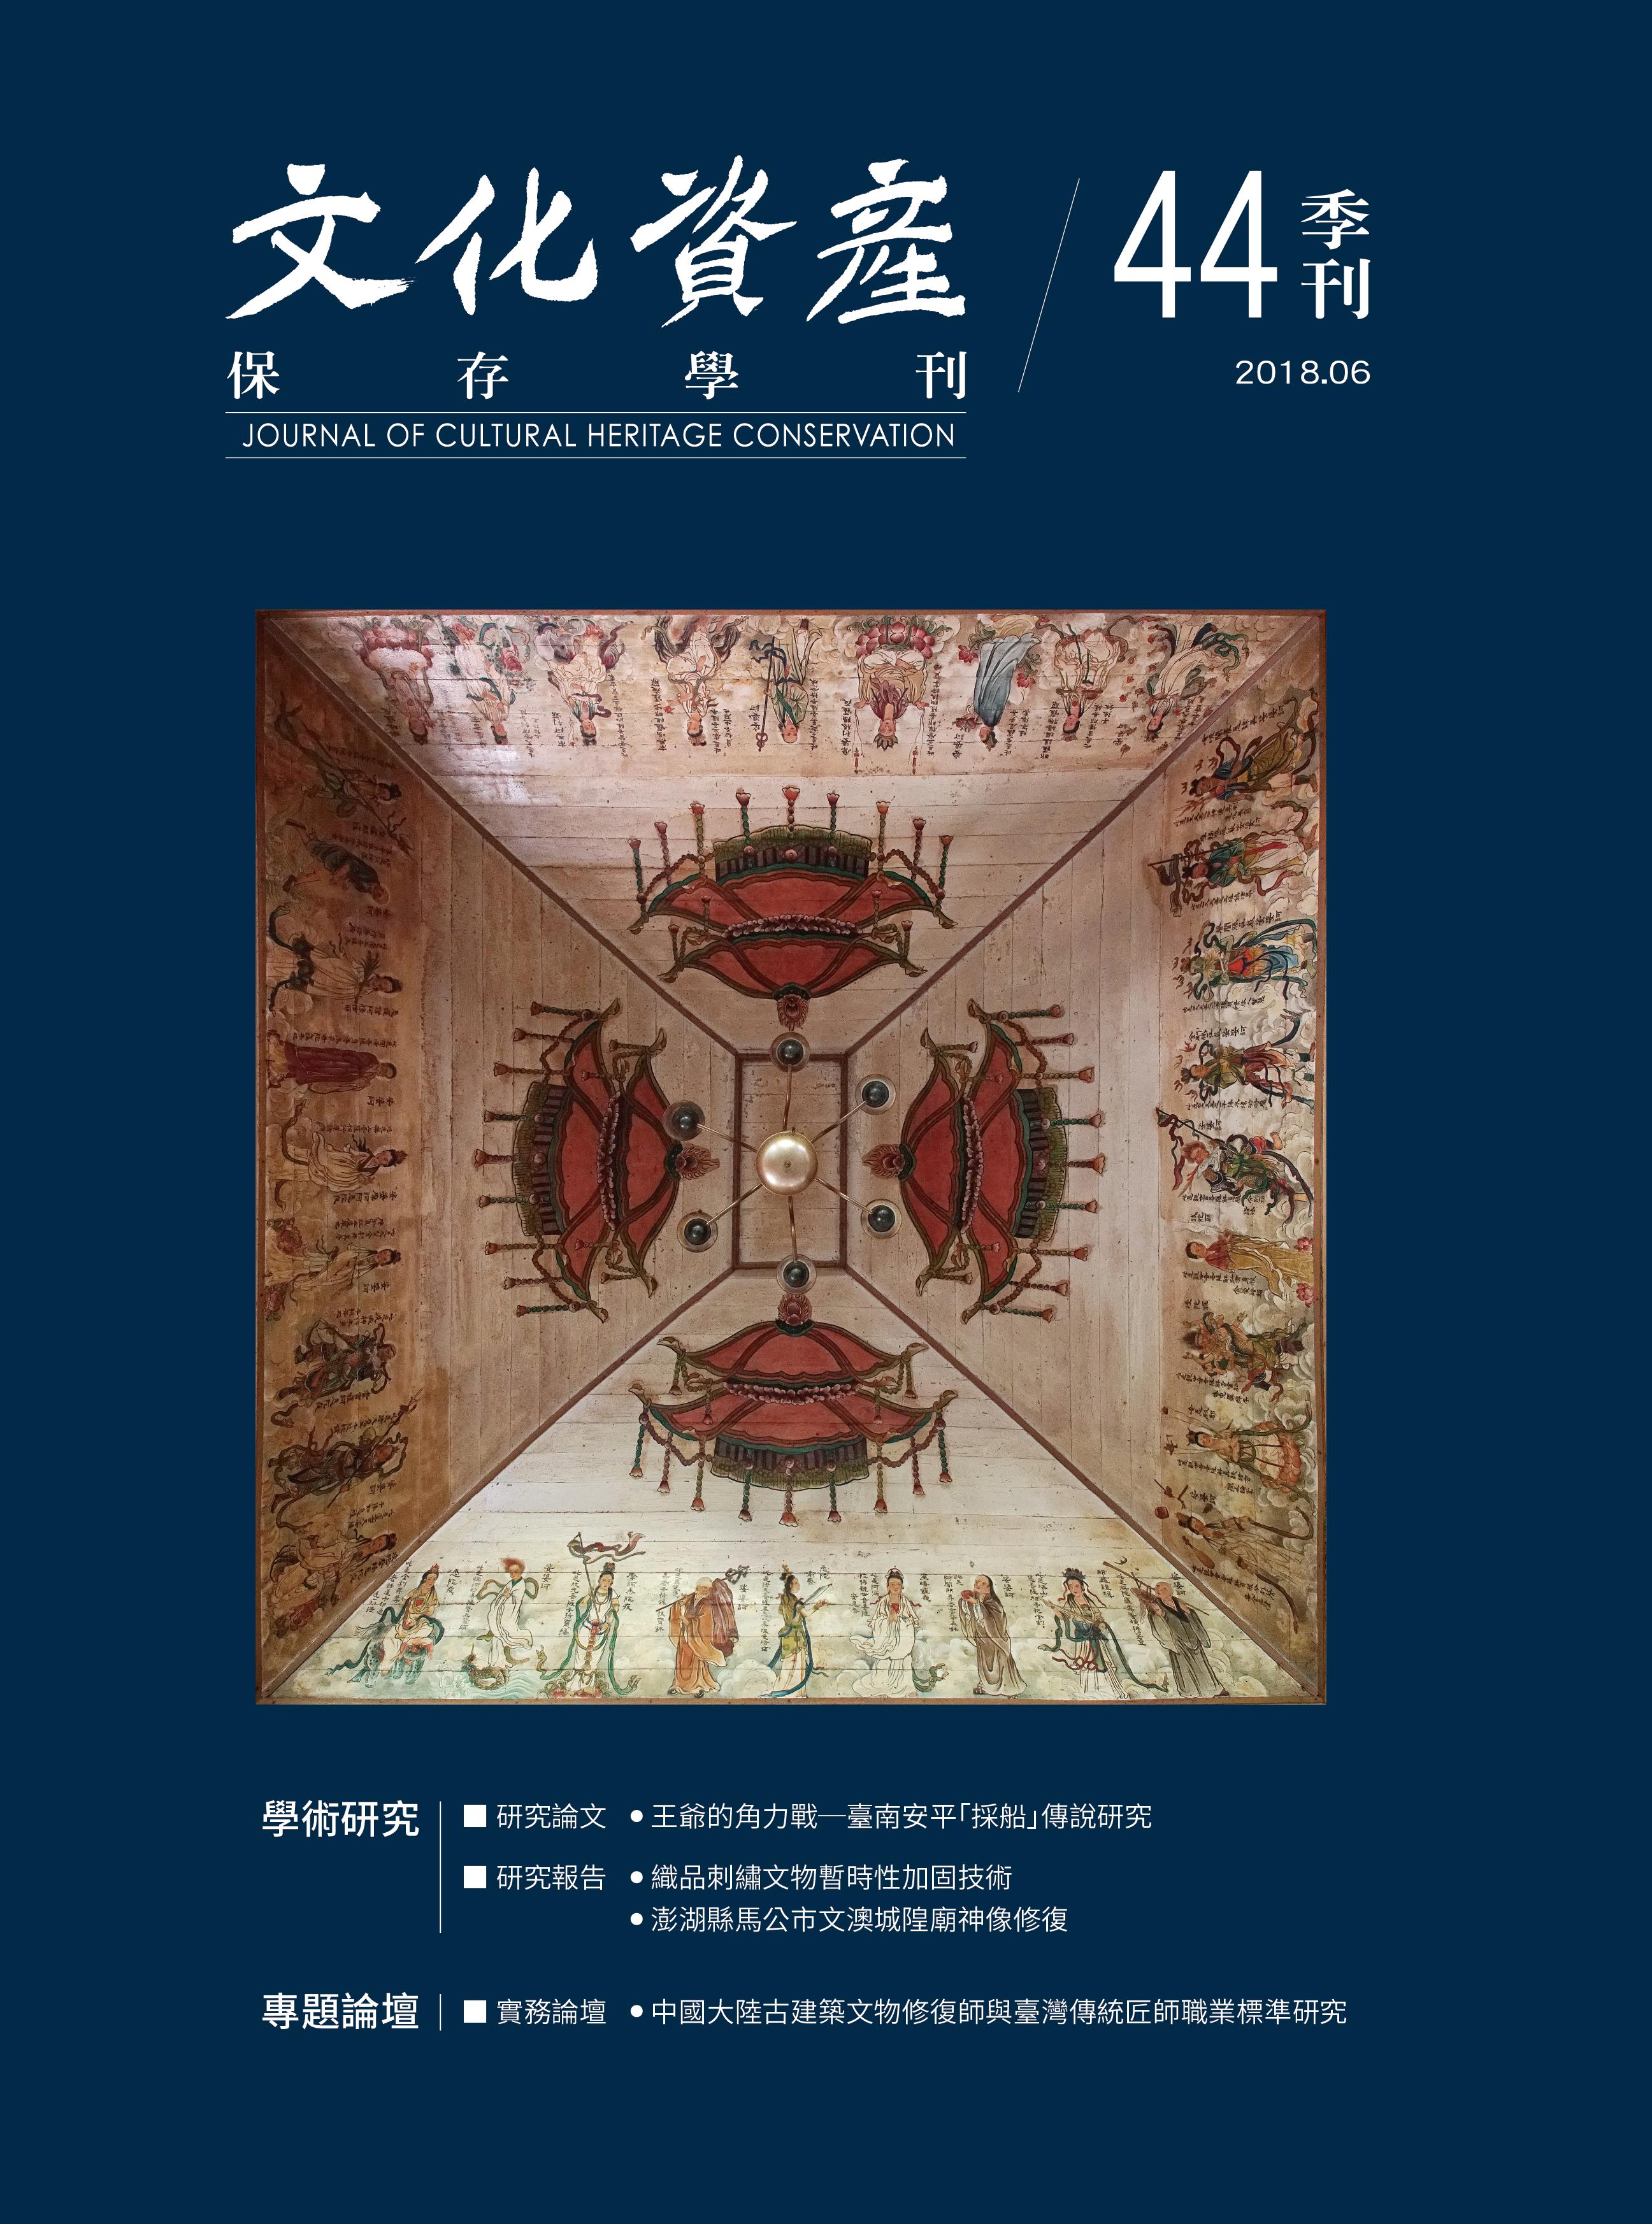 44期學刊封面.png